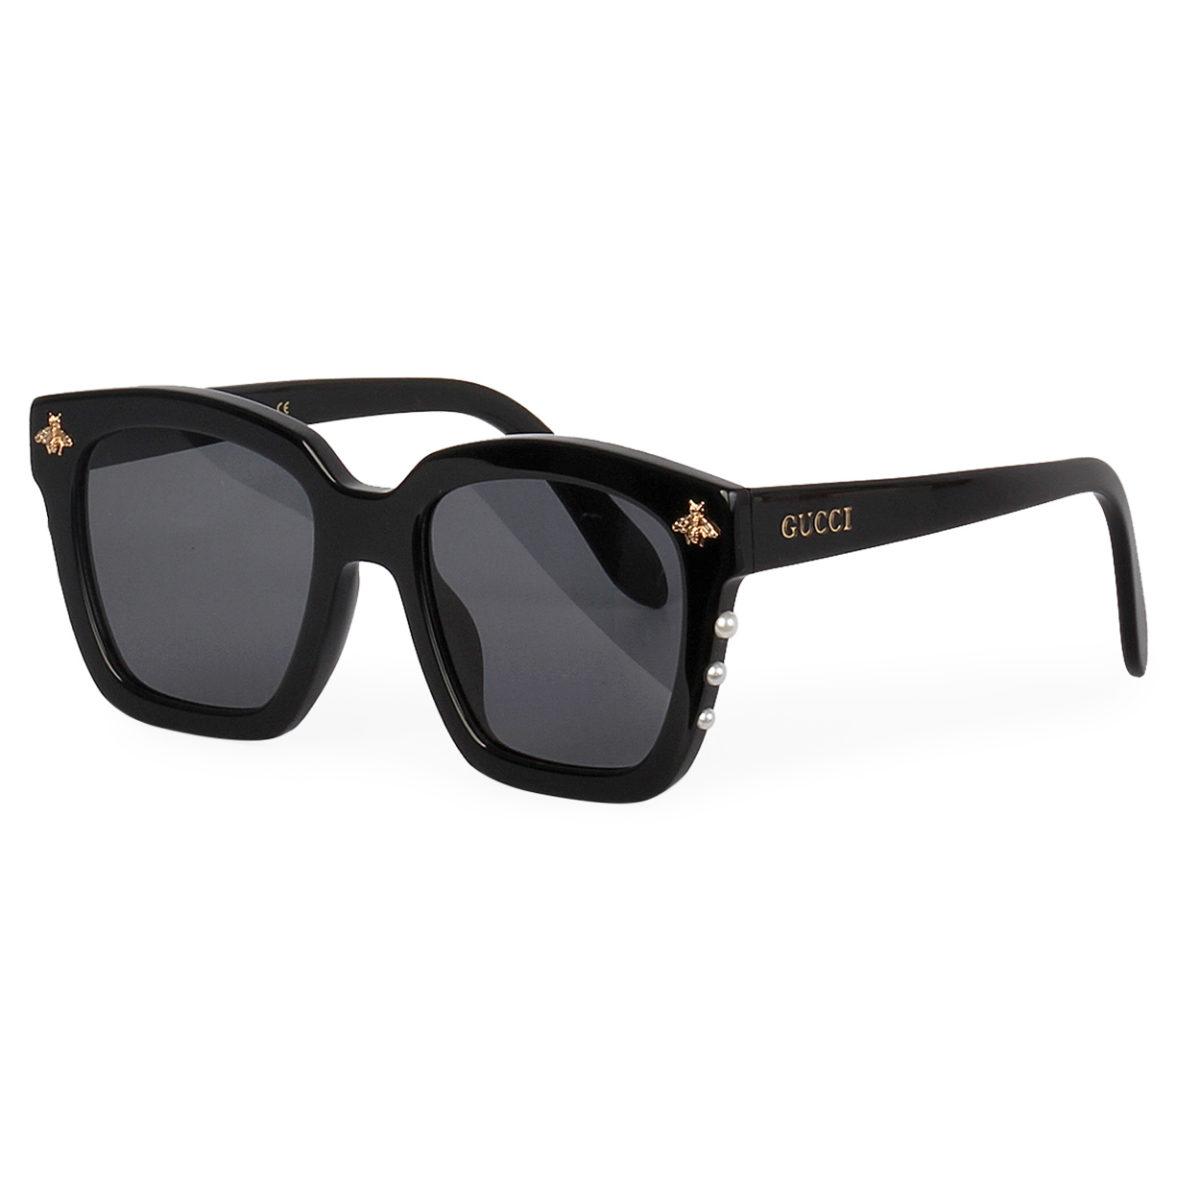 GUCCI Pearl Bee Sunglasses GG 0168 Black